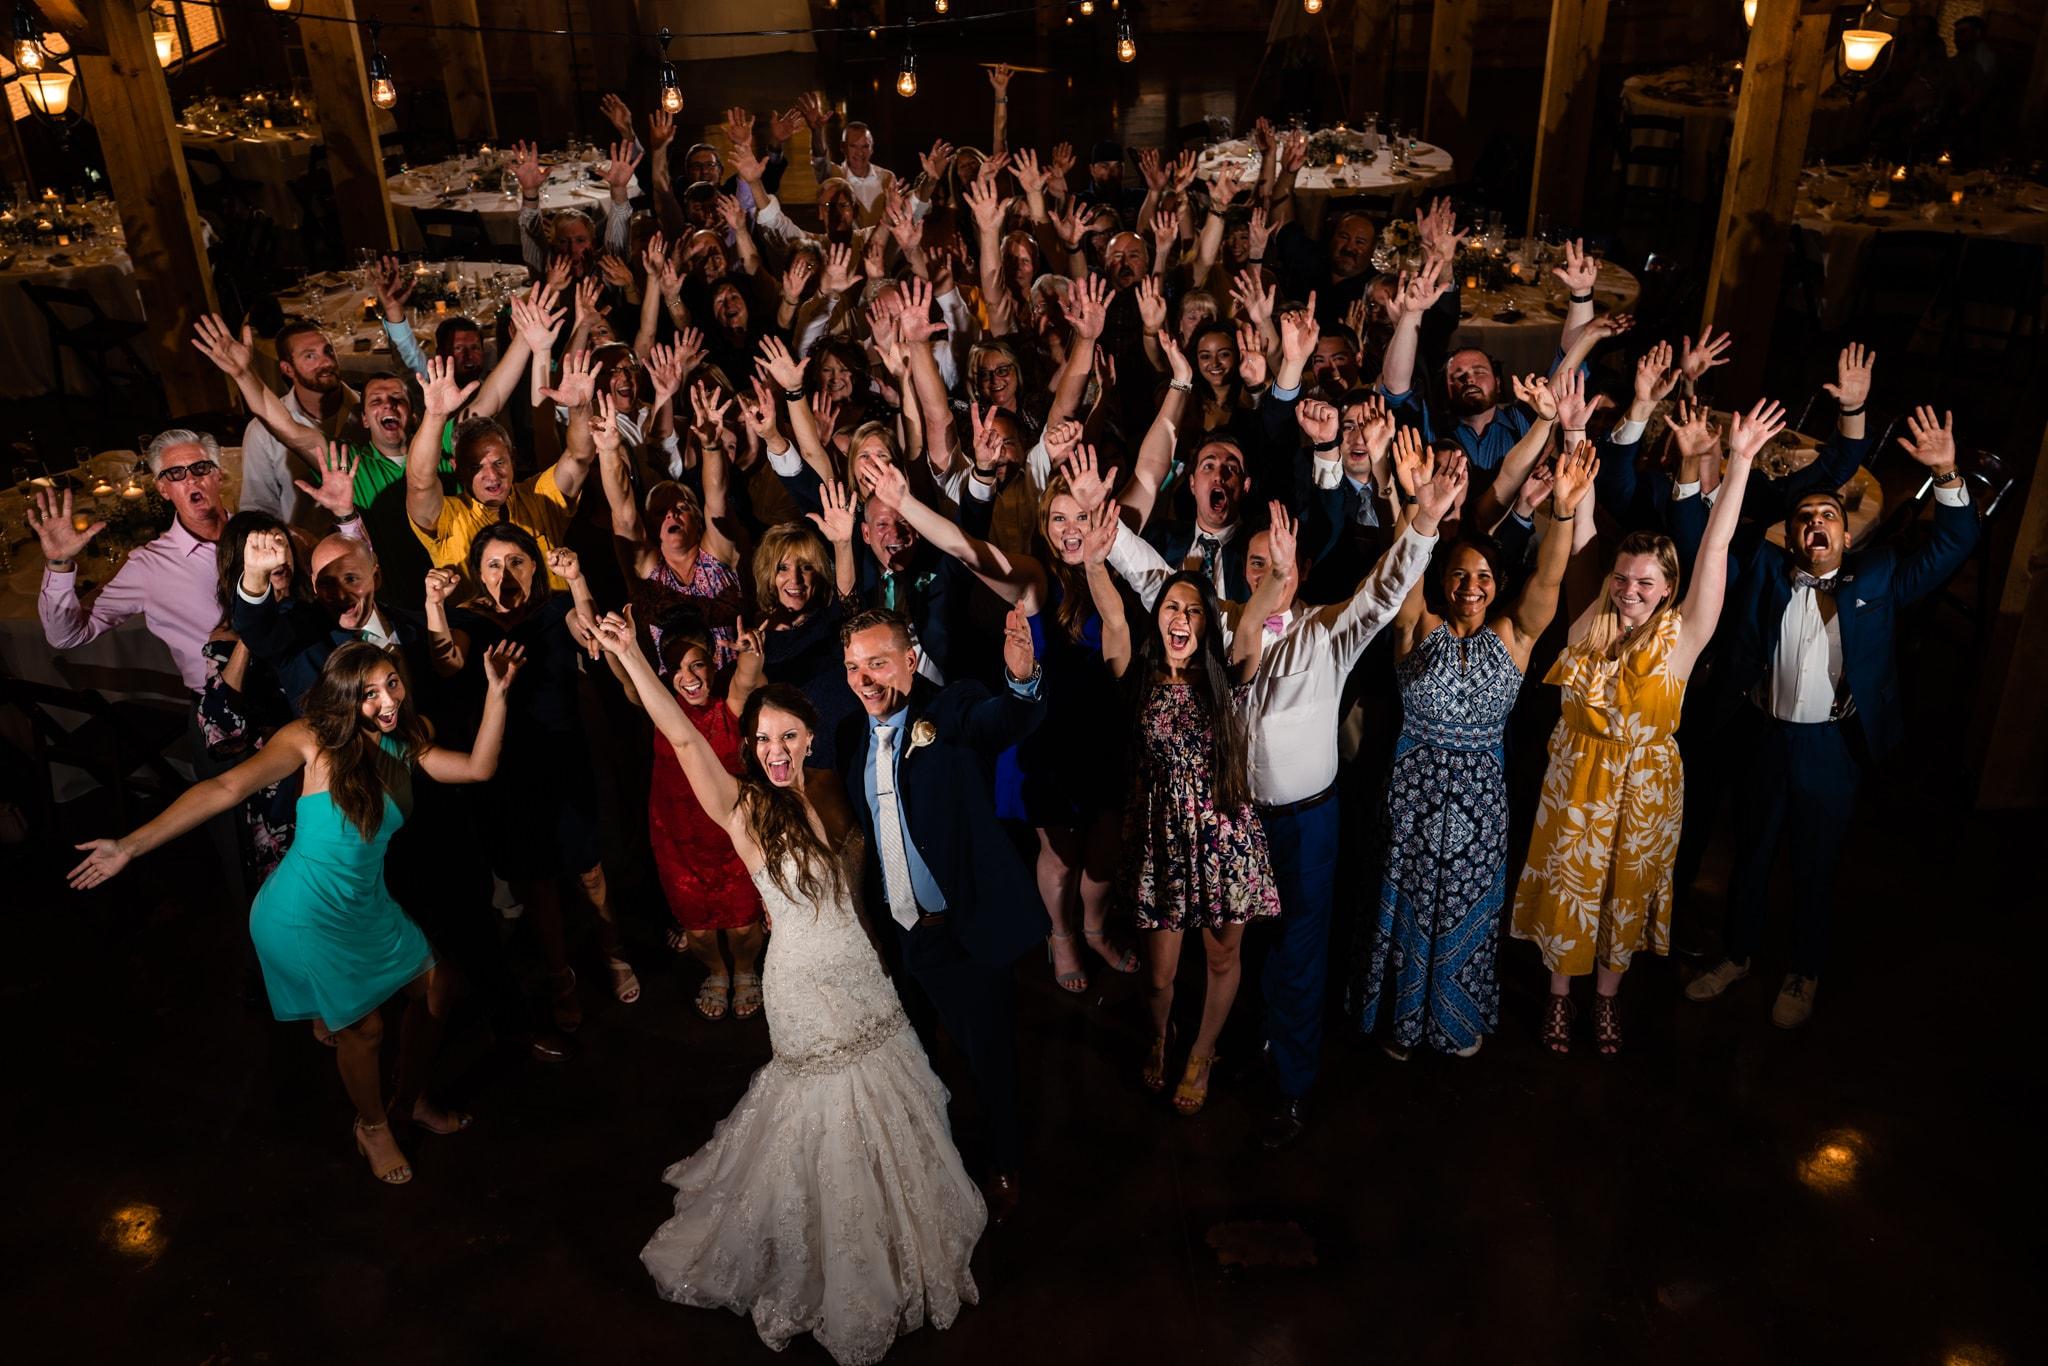 Best Wedding DJs in Dayton